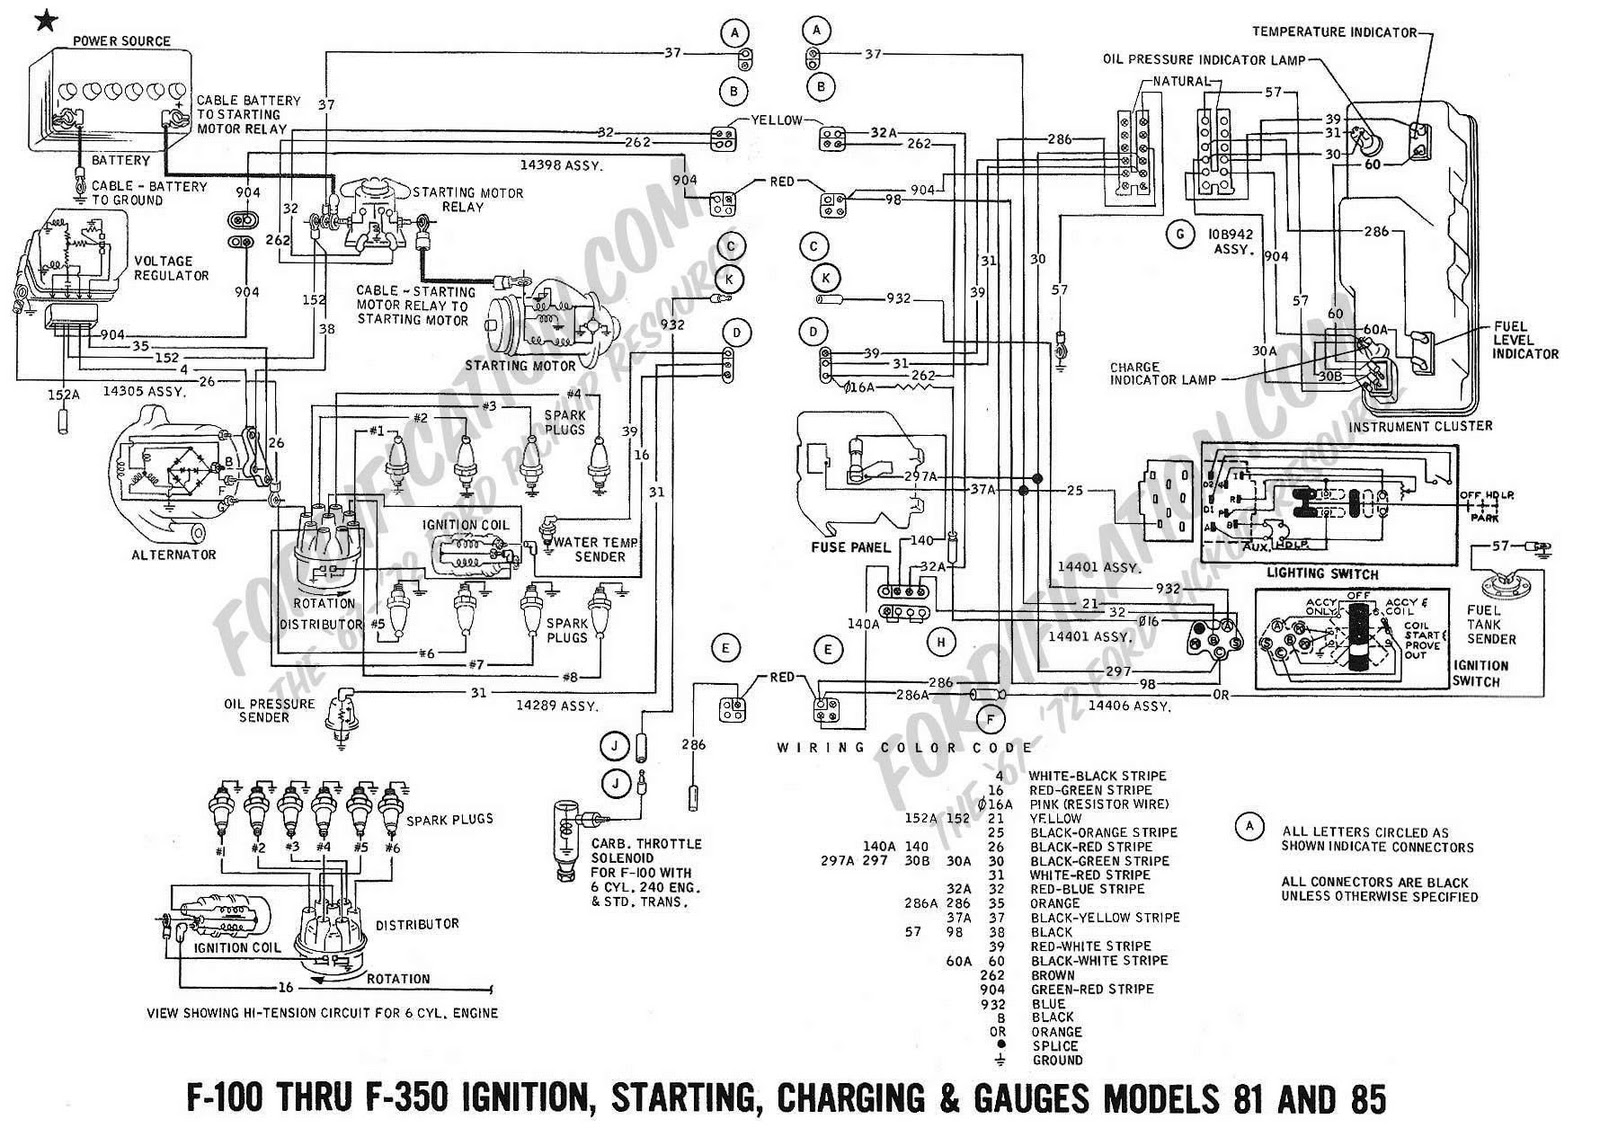 2001 ford 7 3 glow plug wiring diagram